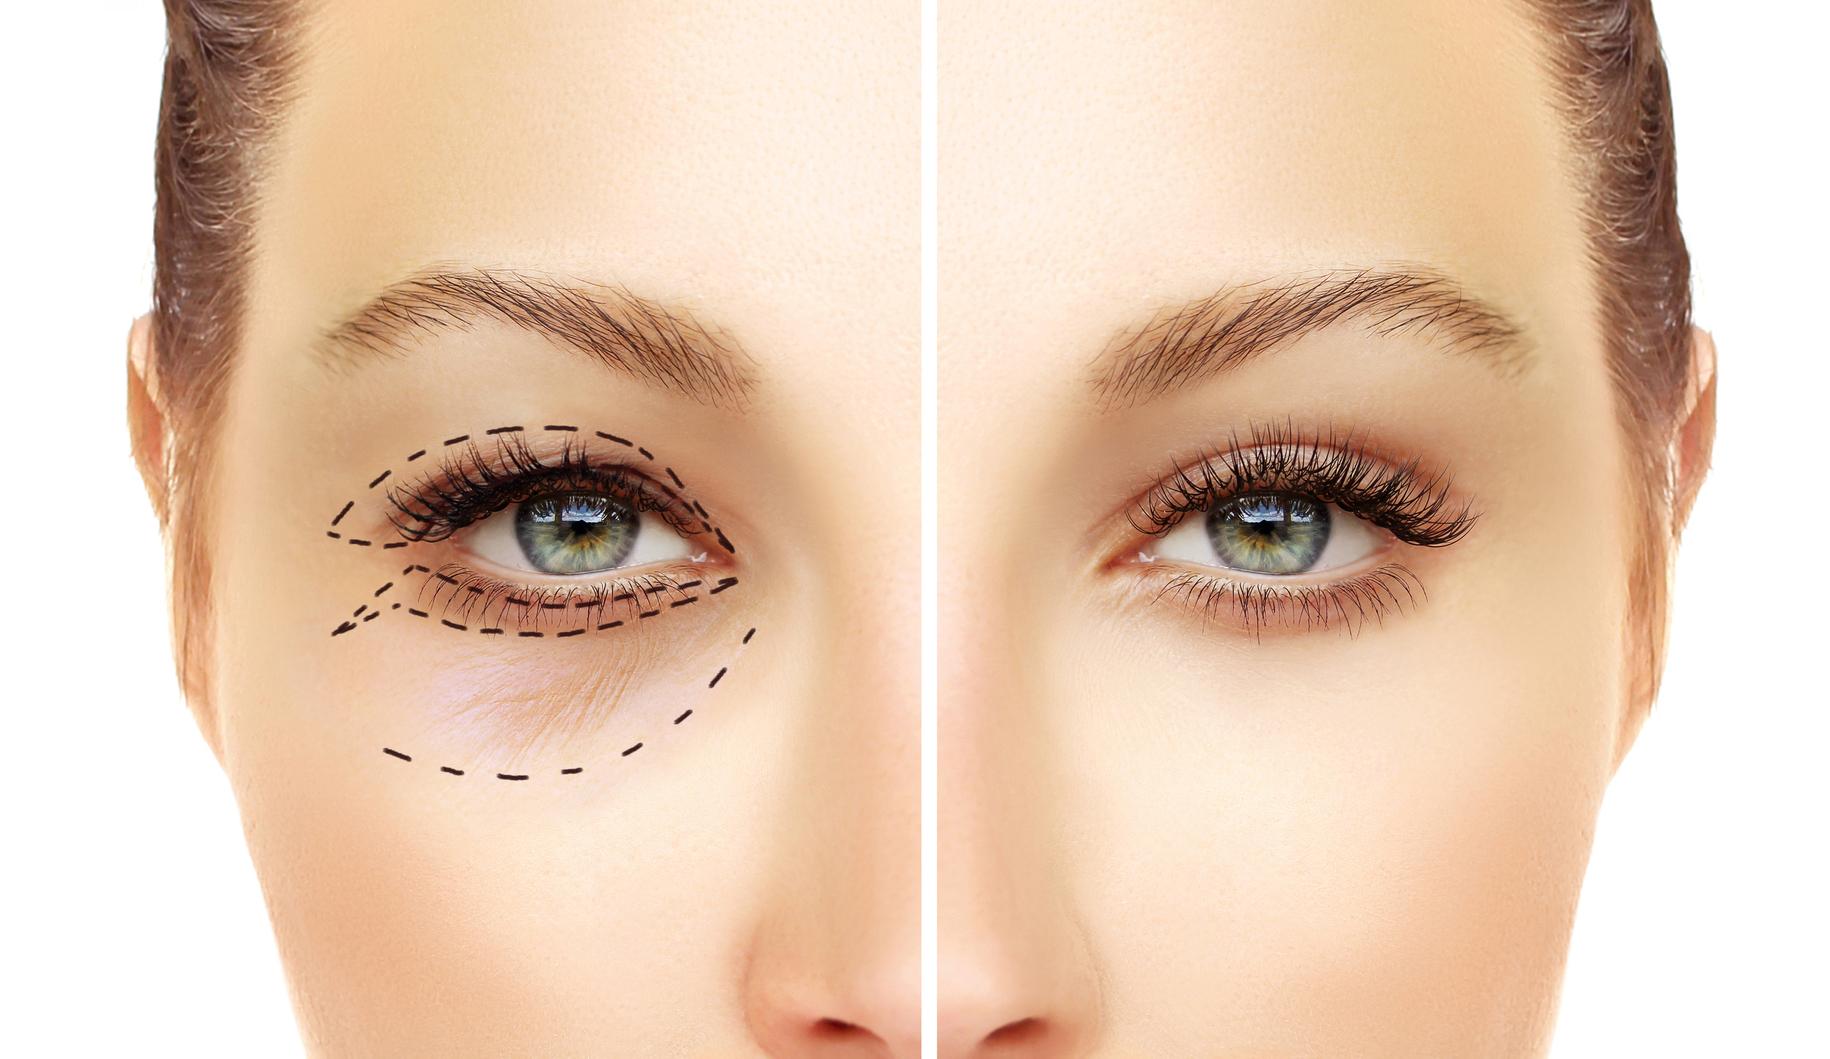 Cắt mí giúp khắc phục cùng lúc nhiều khuyết điểm trên mắt